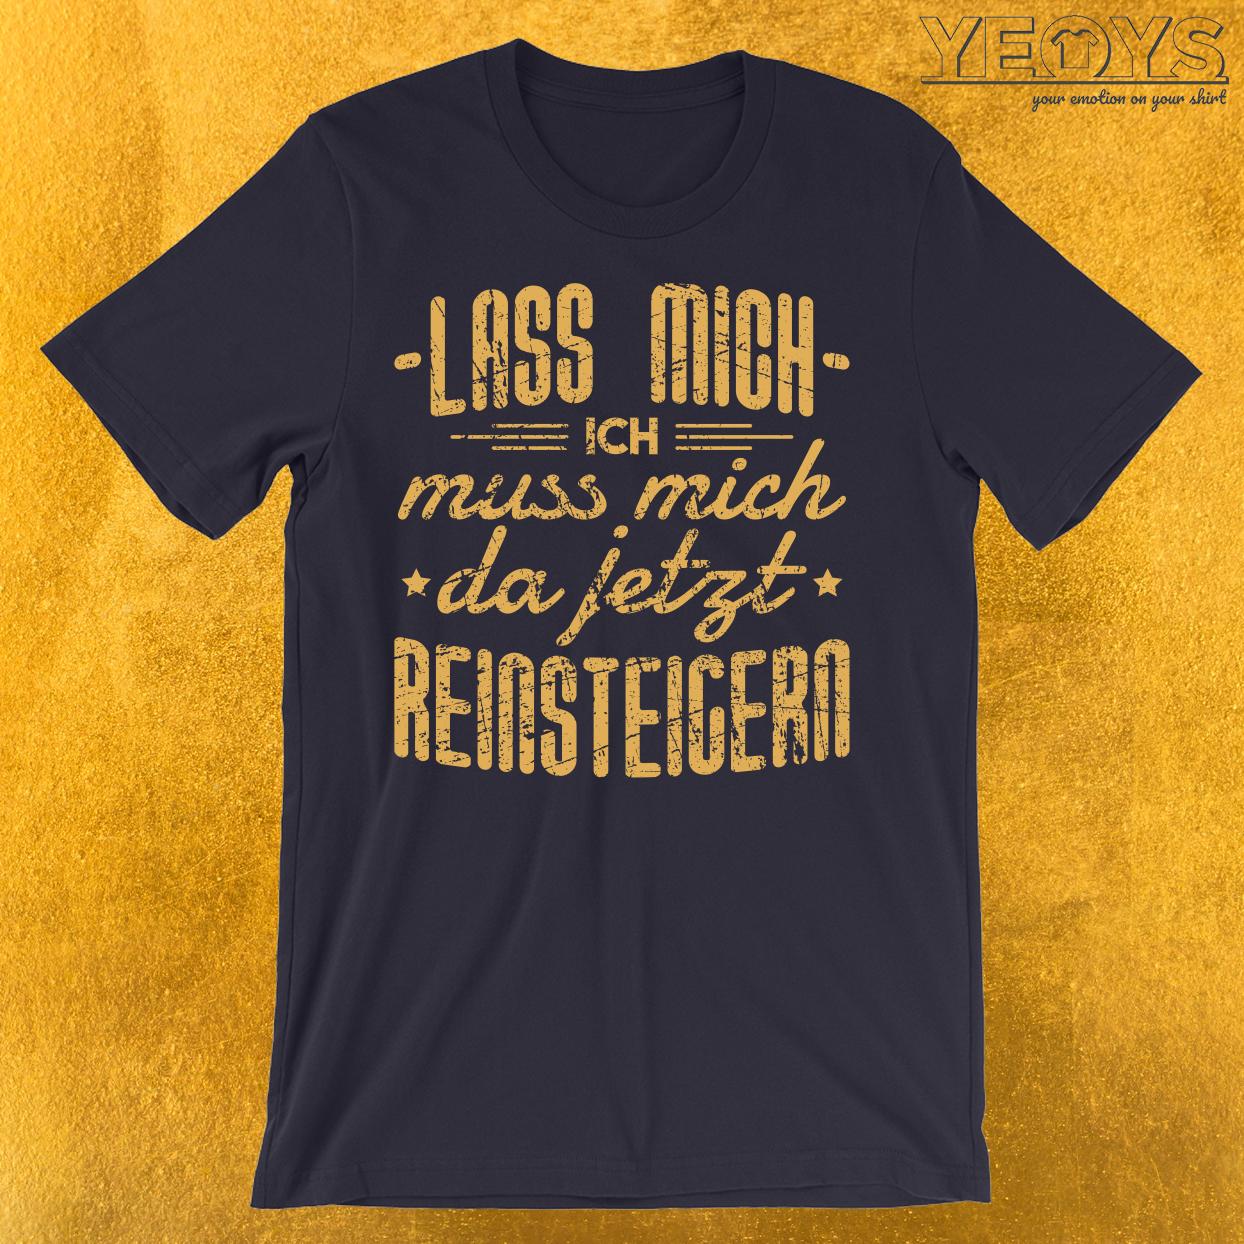 Lass mich ich muss mich da jetzt reinsteigern T-Shirt